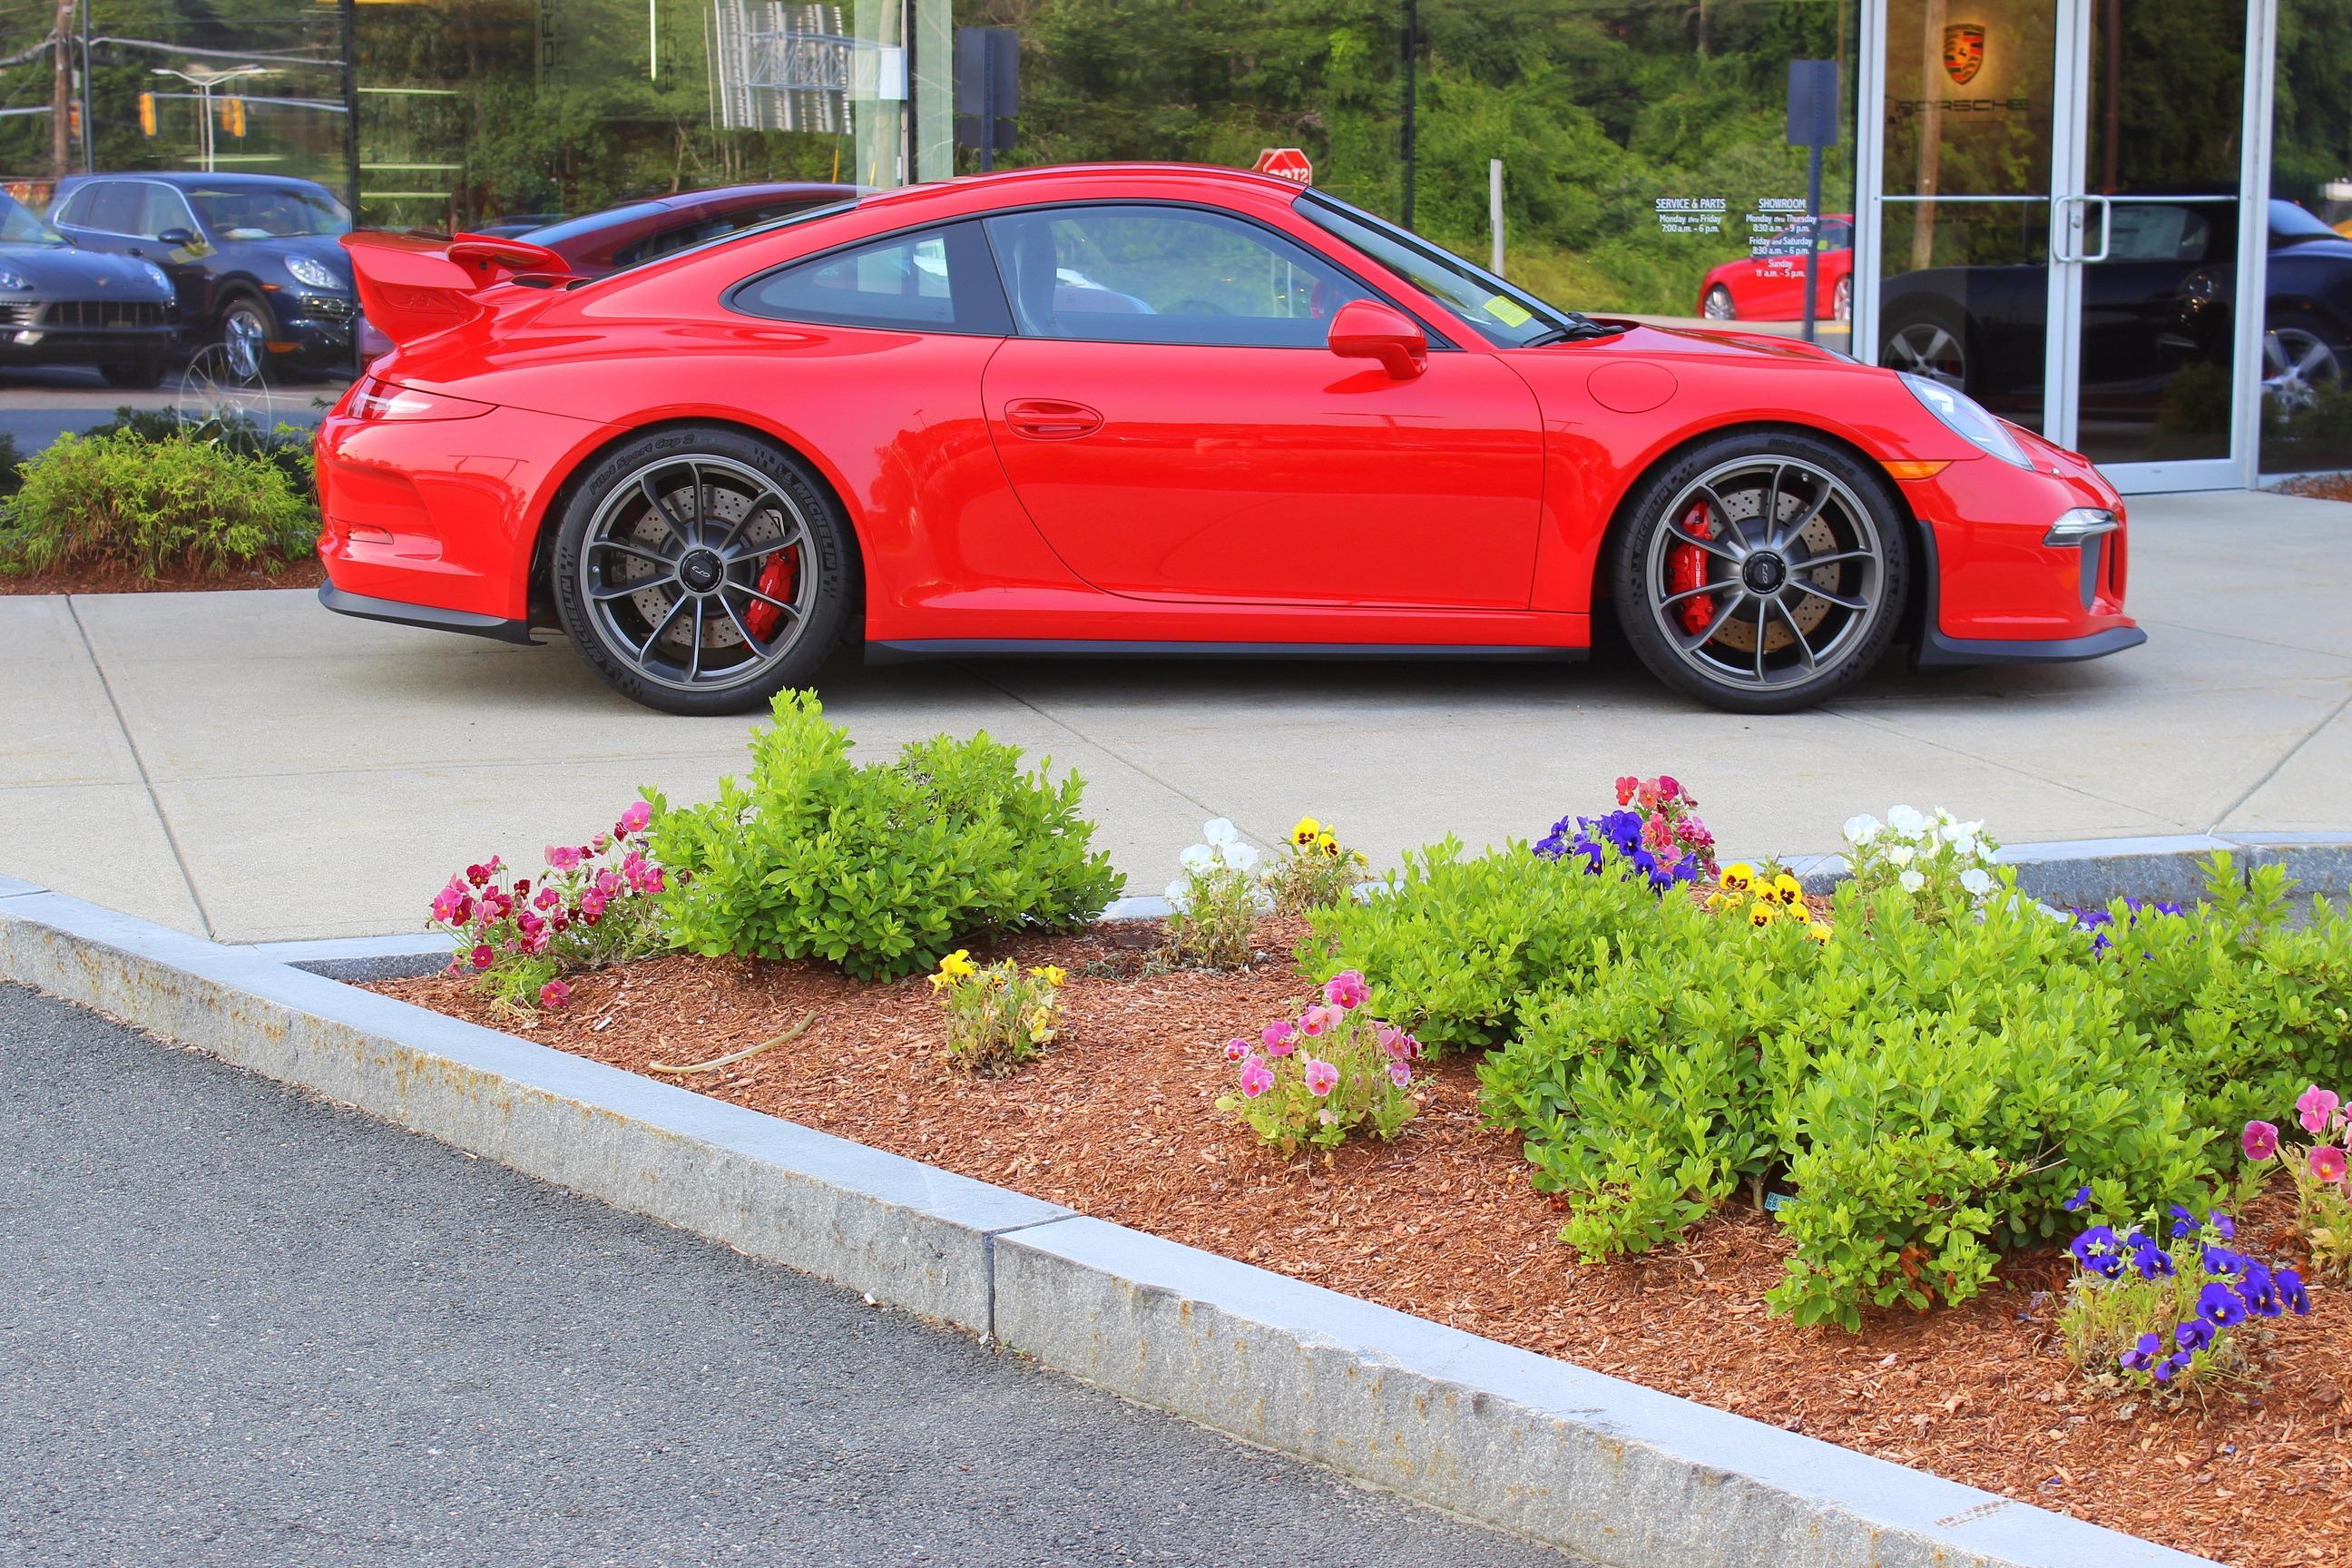 Porsche Burlington image 3